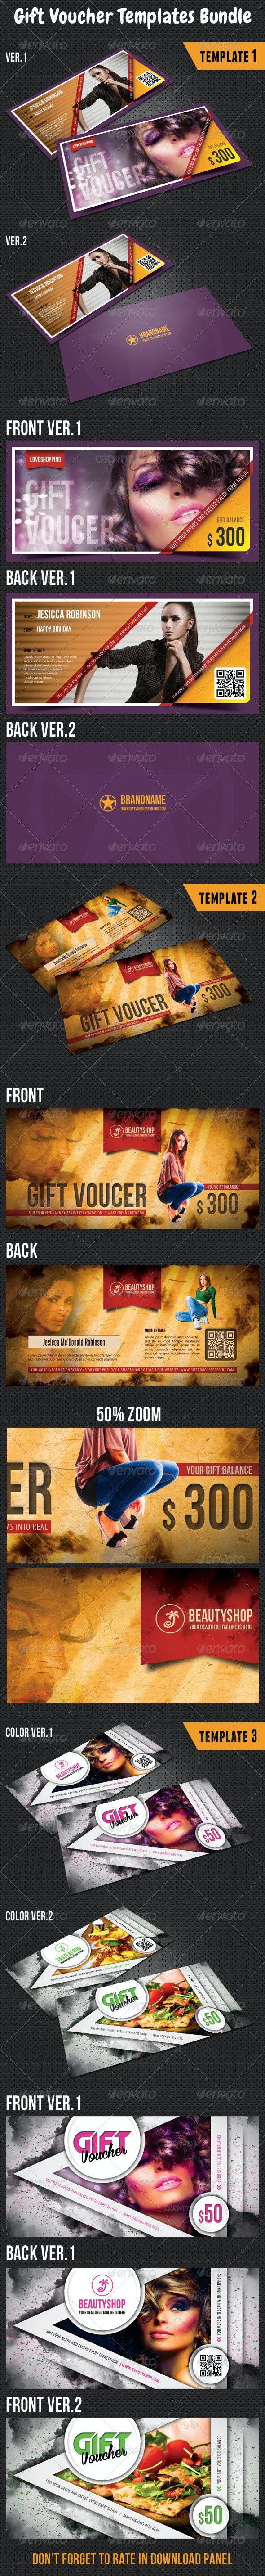 Gift Voucher Templates Bundle 01 - Cards & Invites Print Templates